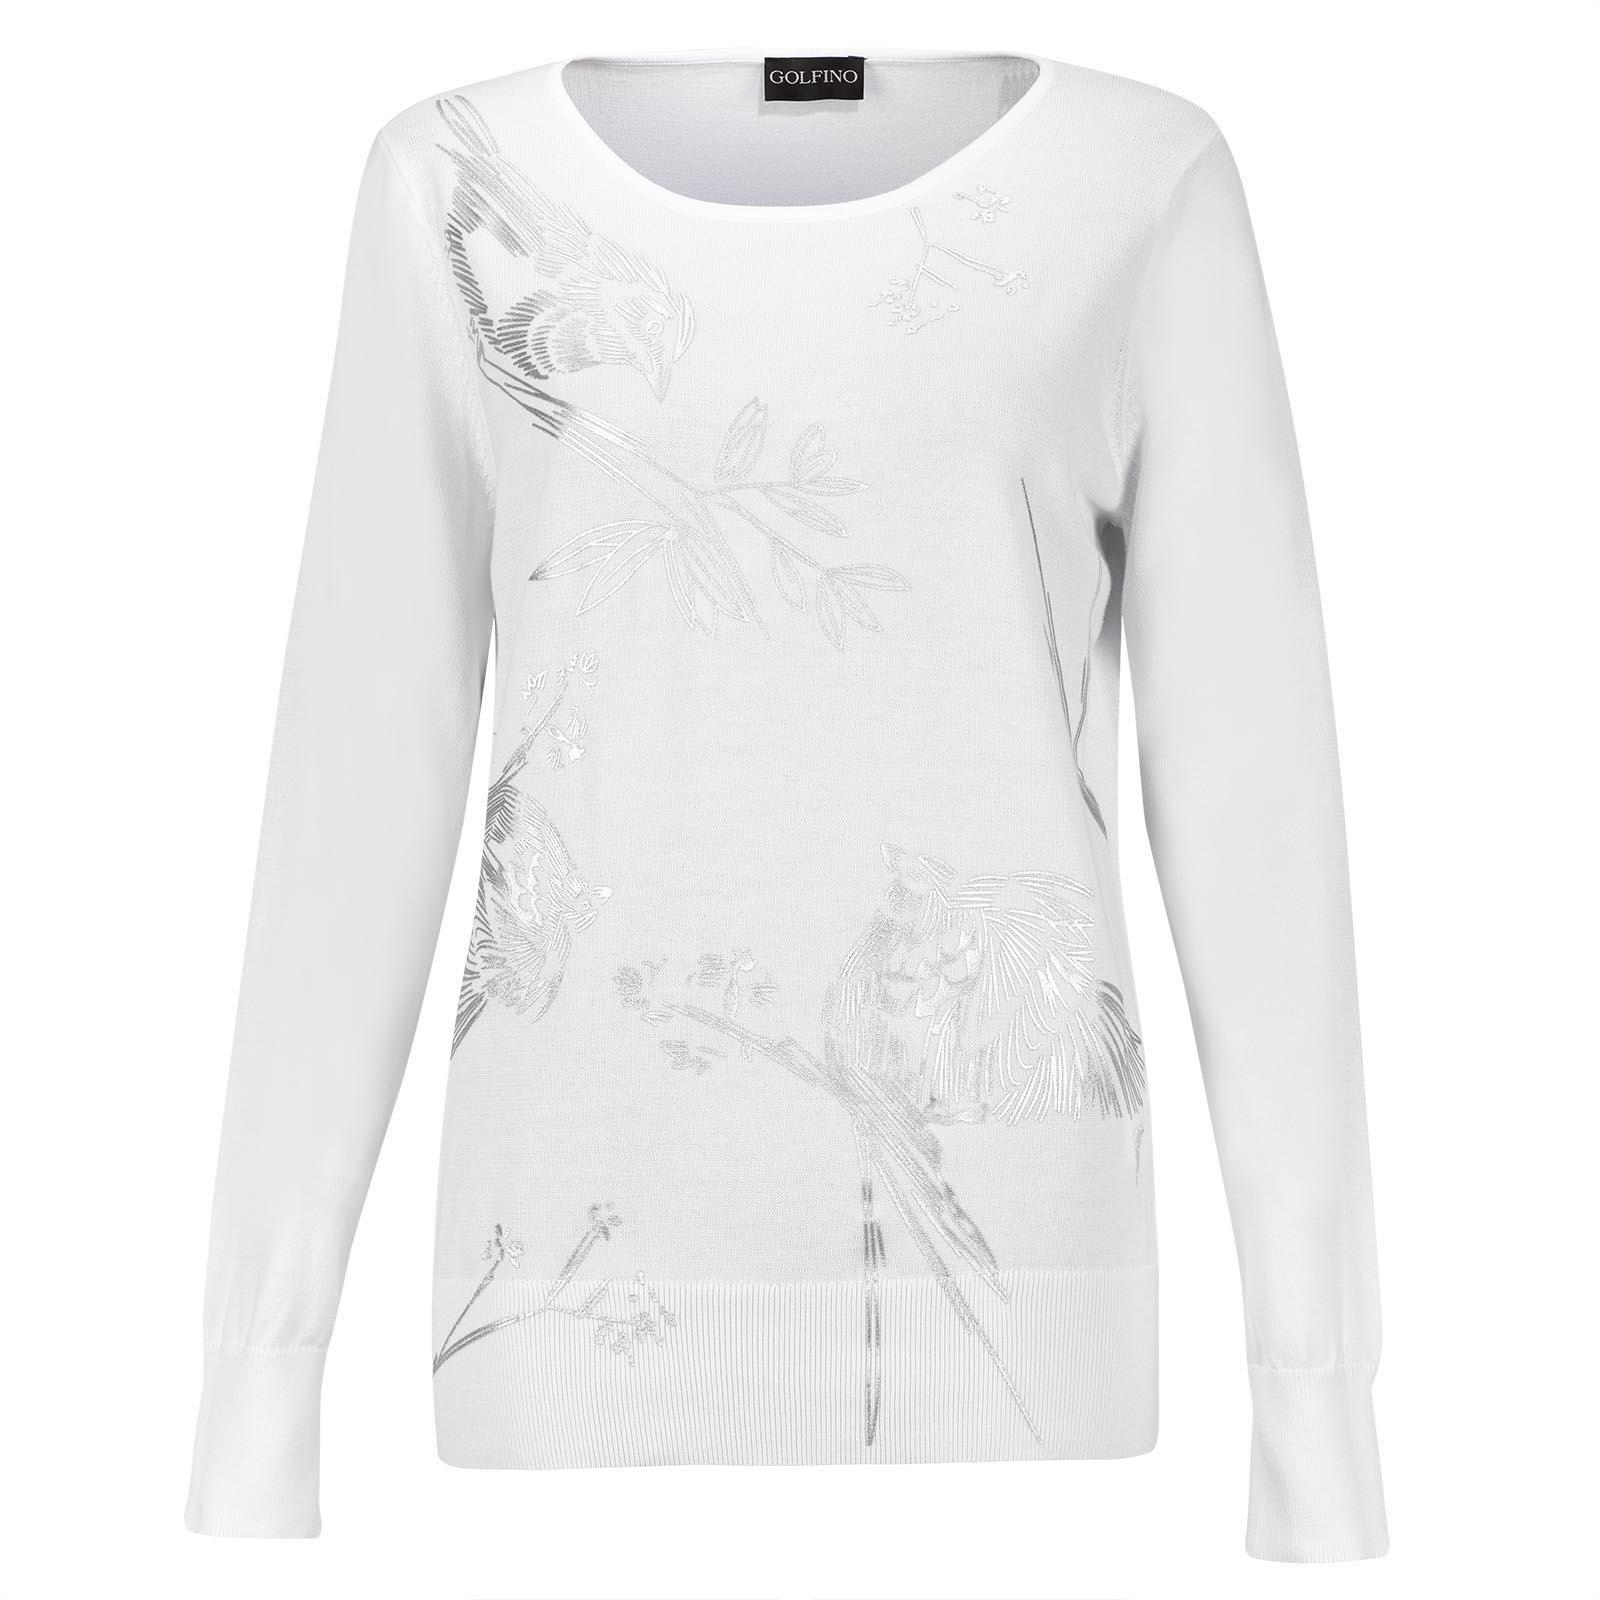 Rundhals Damen Strickpullover aus softer Pima Cotton mit silbernen Details